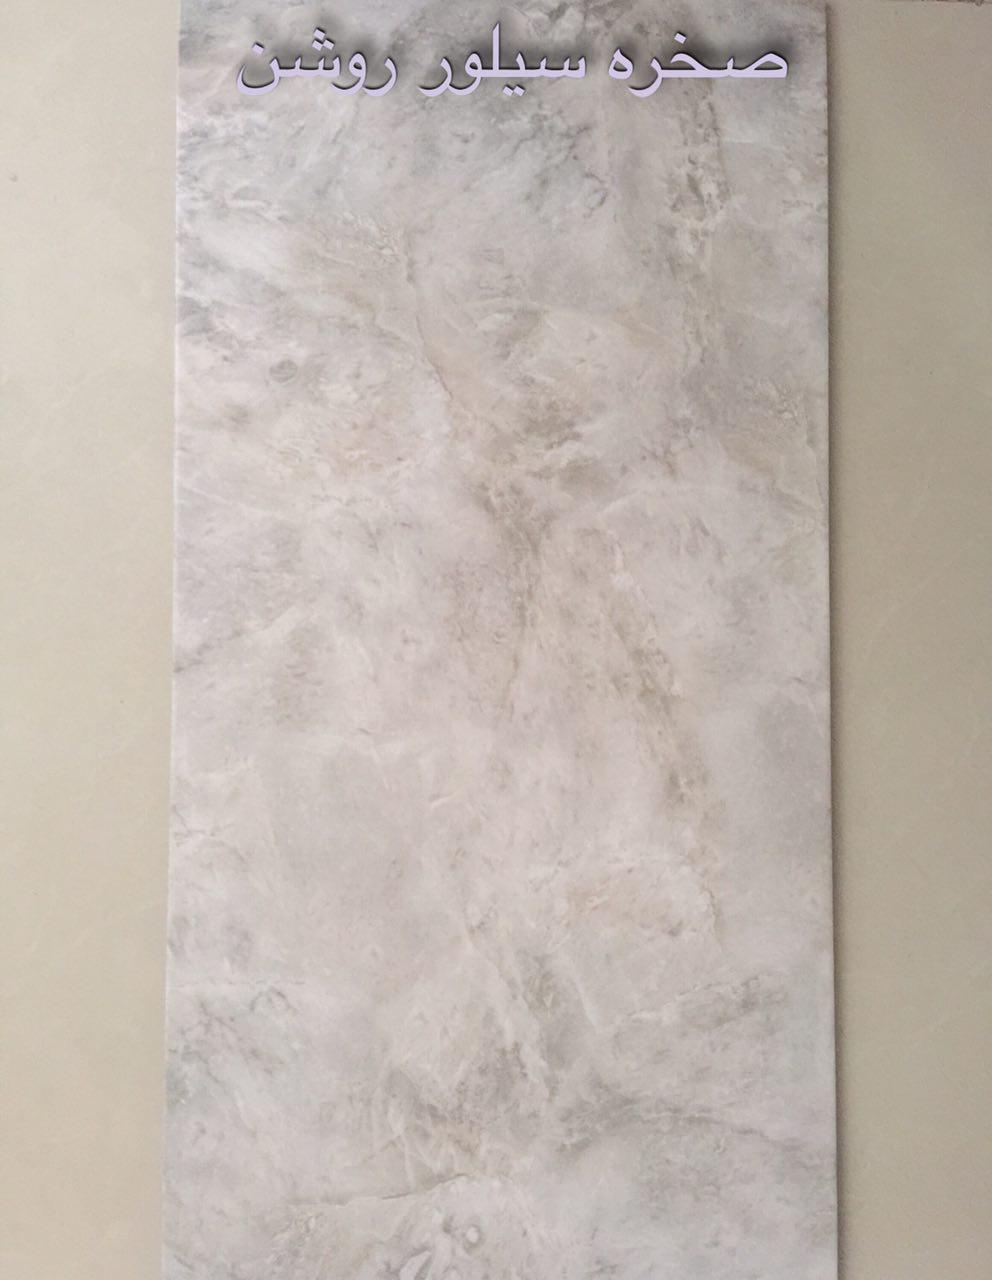 سرامیک صخره سیلور روشن - شرکت کاشی پاسارگاد سپاهان